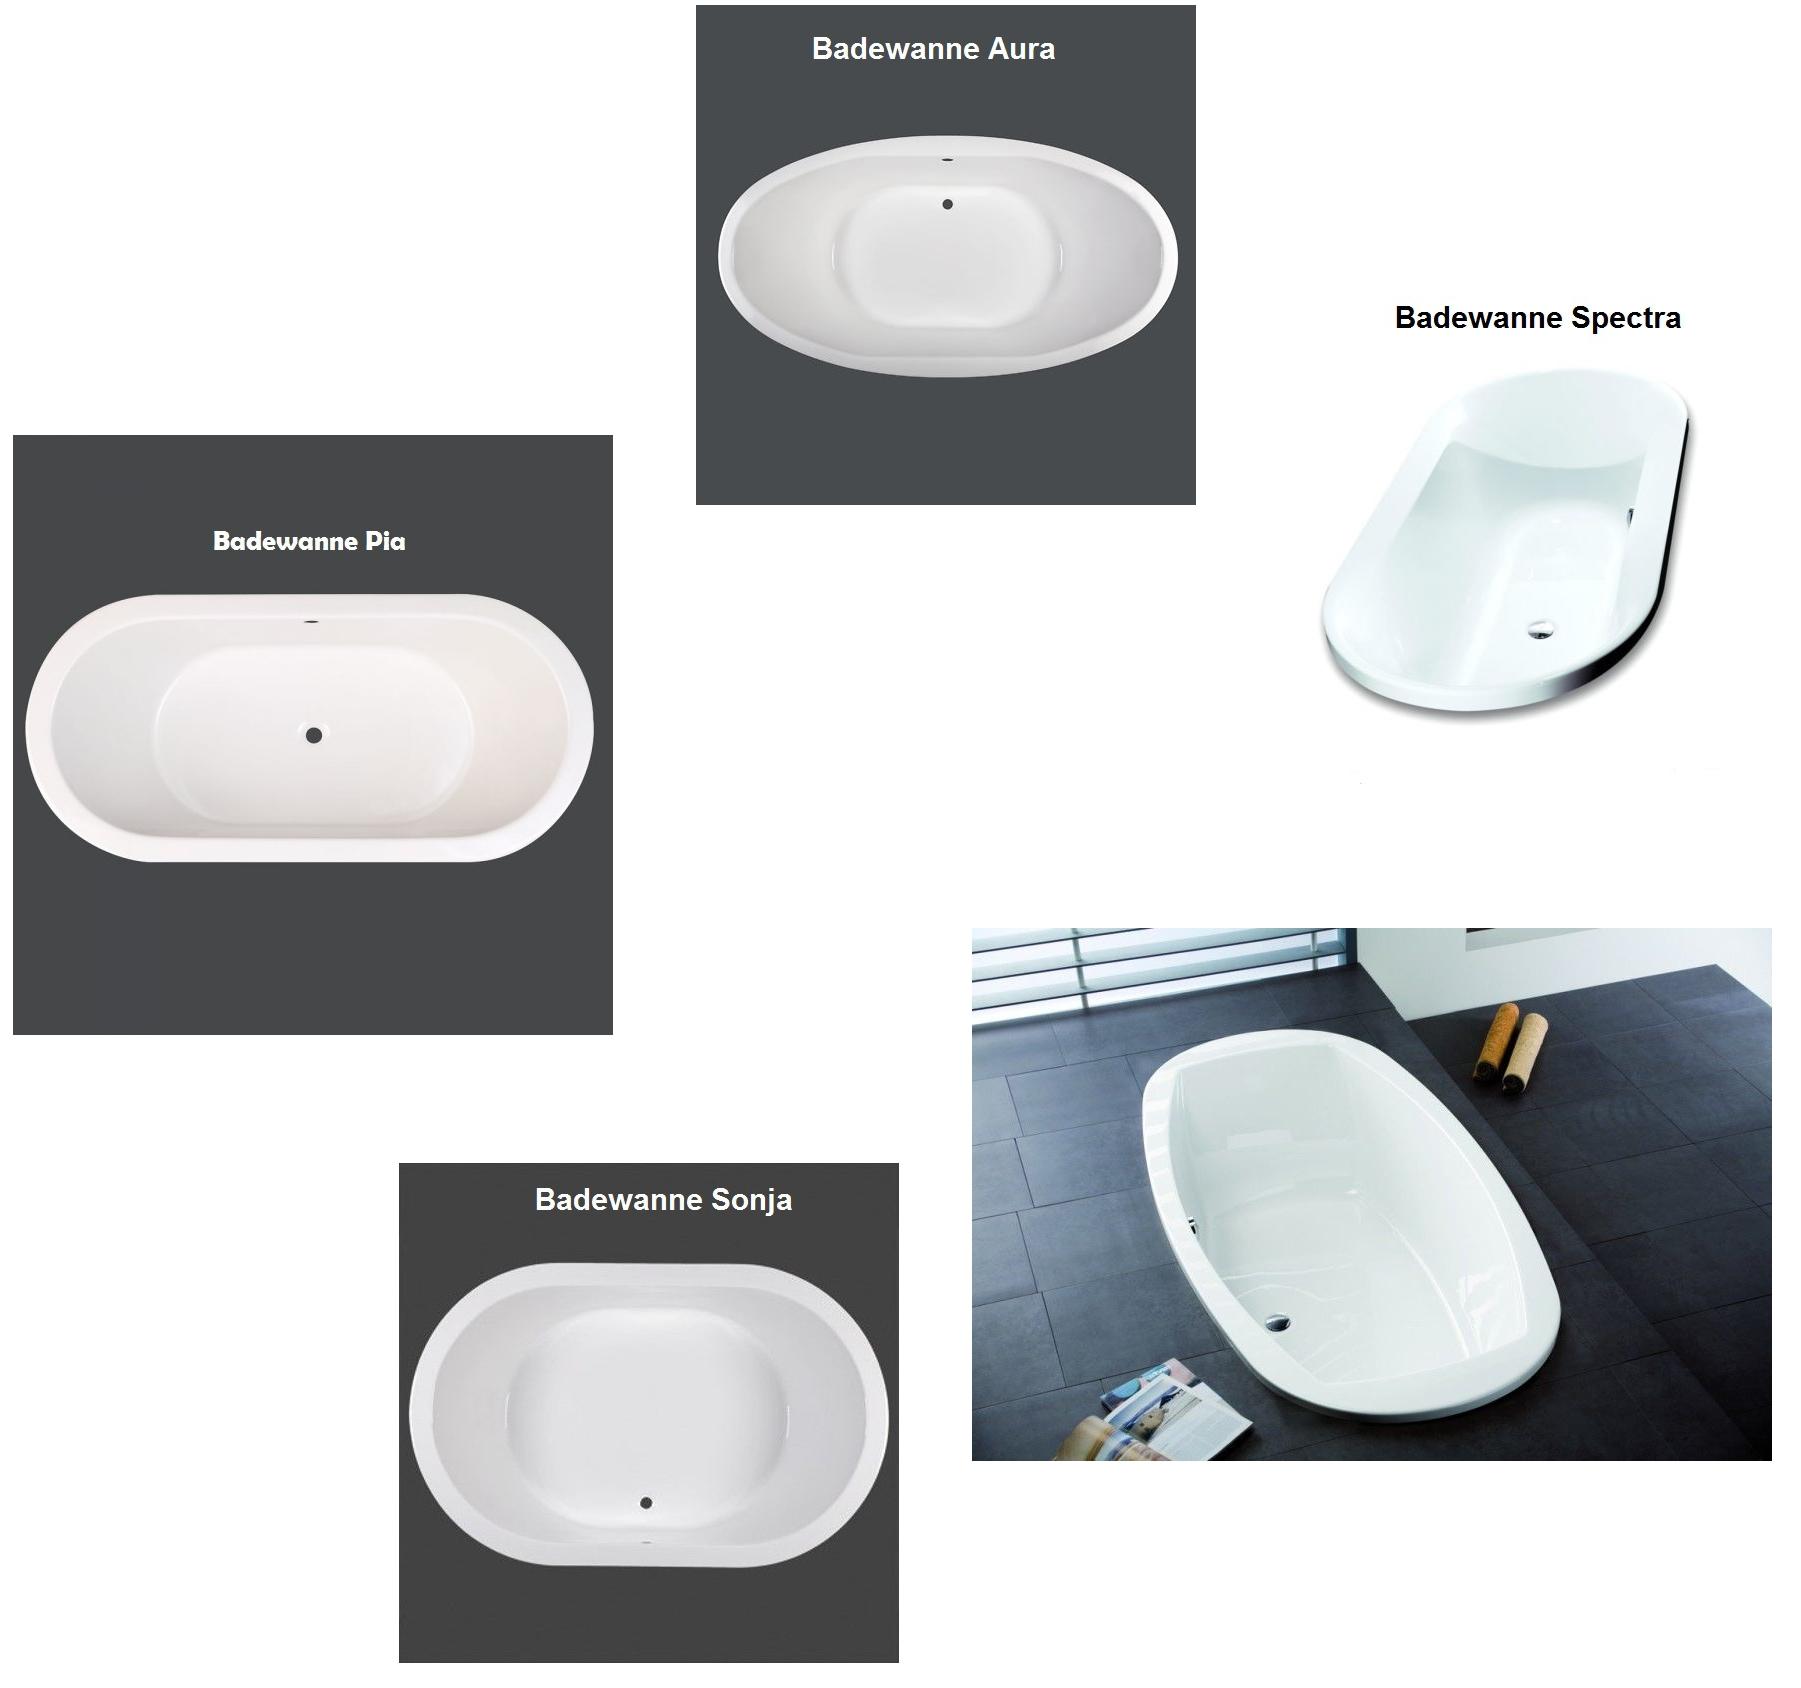 Ab Und überlaufgarnitur Badewanne Badewanne 11 x oval hoesch spectra 180 largo od t&r